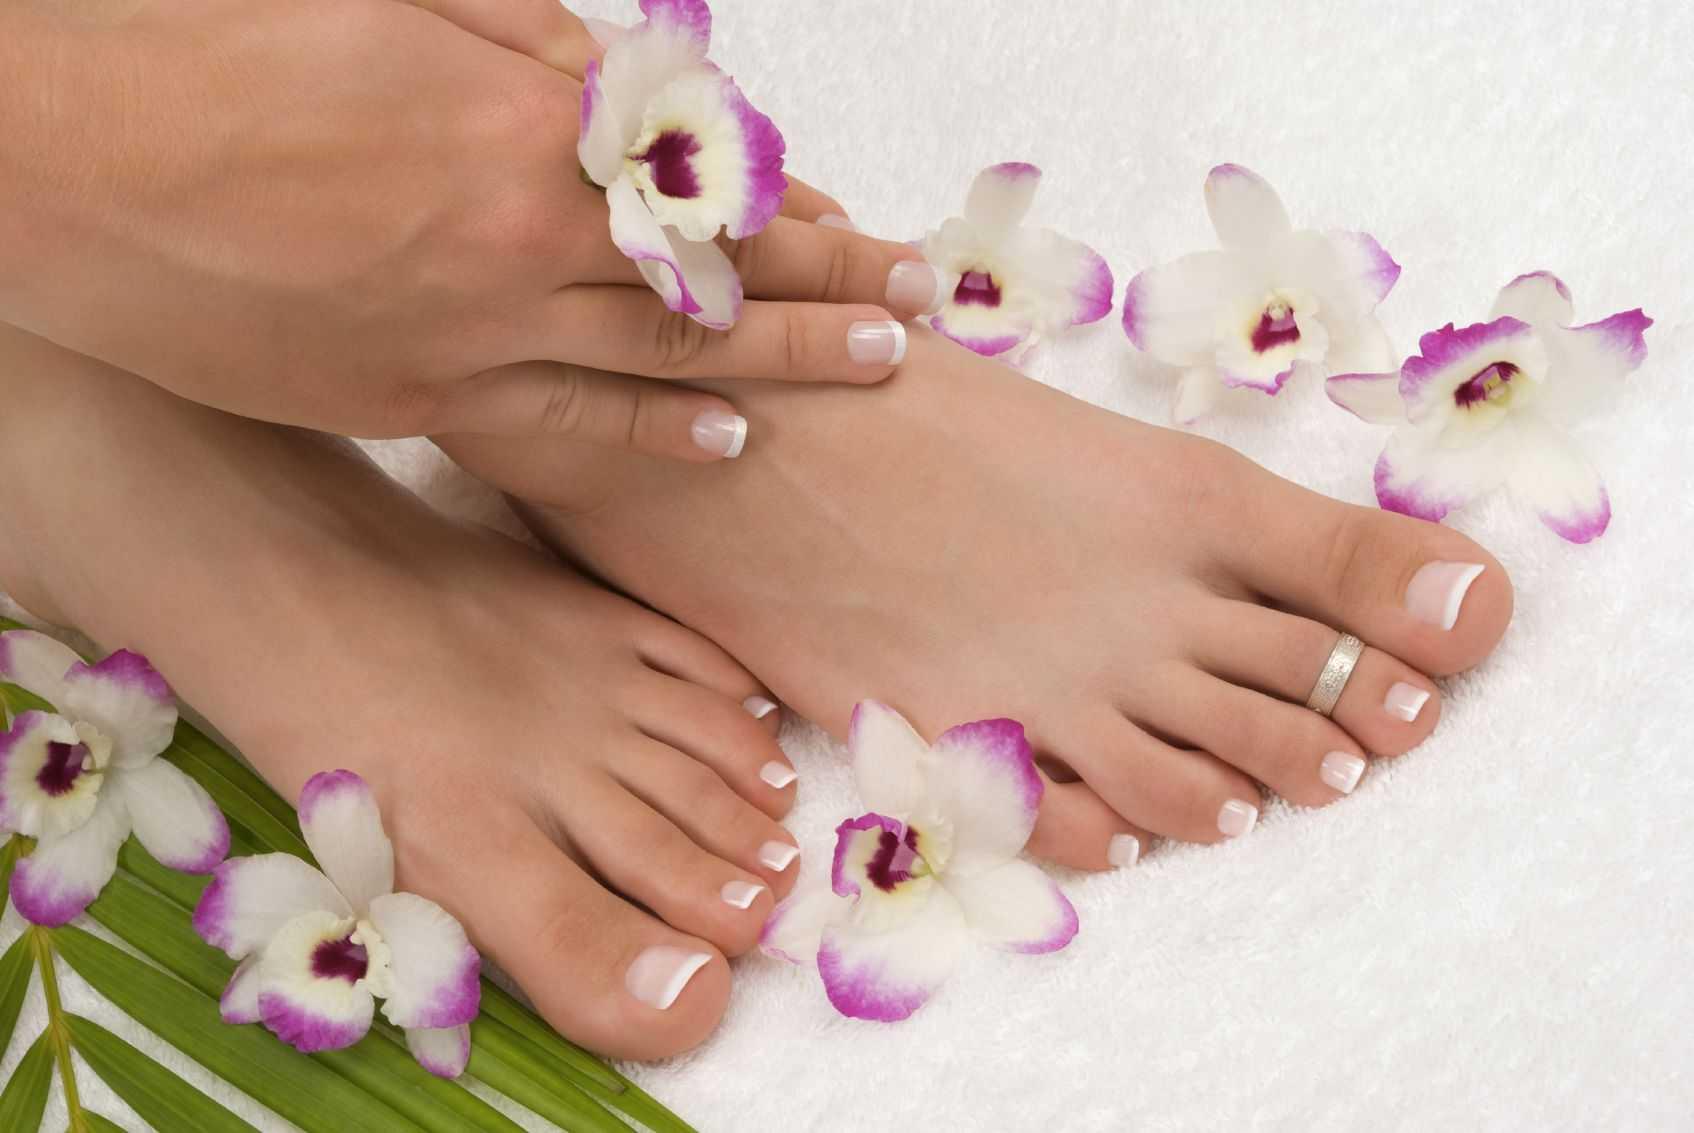 Лучшие крема и мази для ног